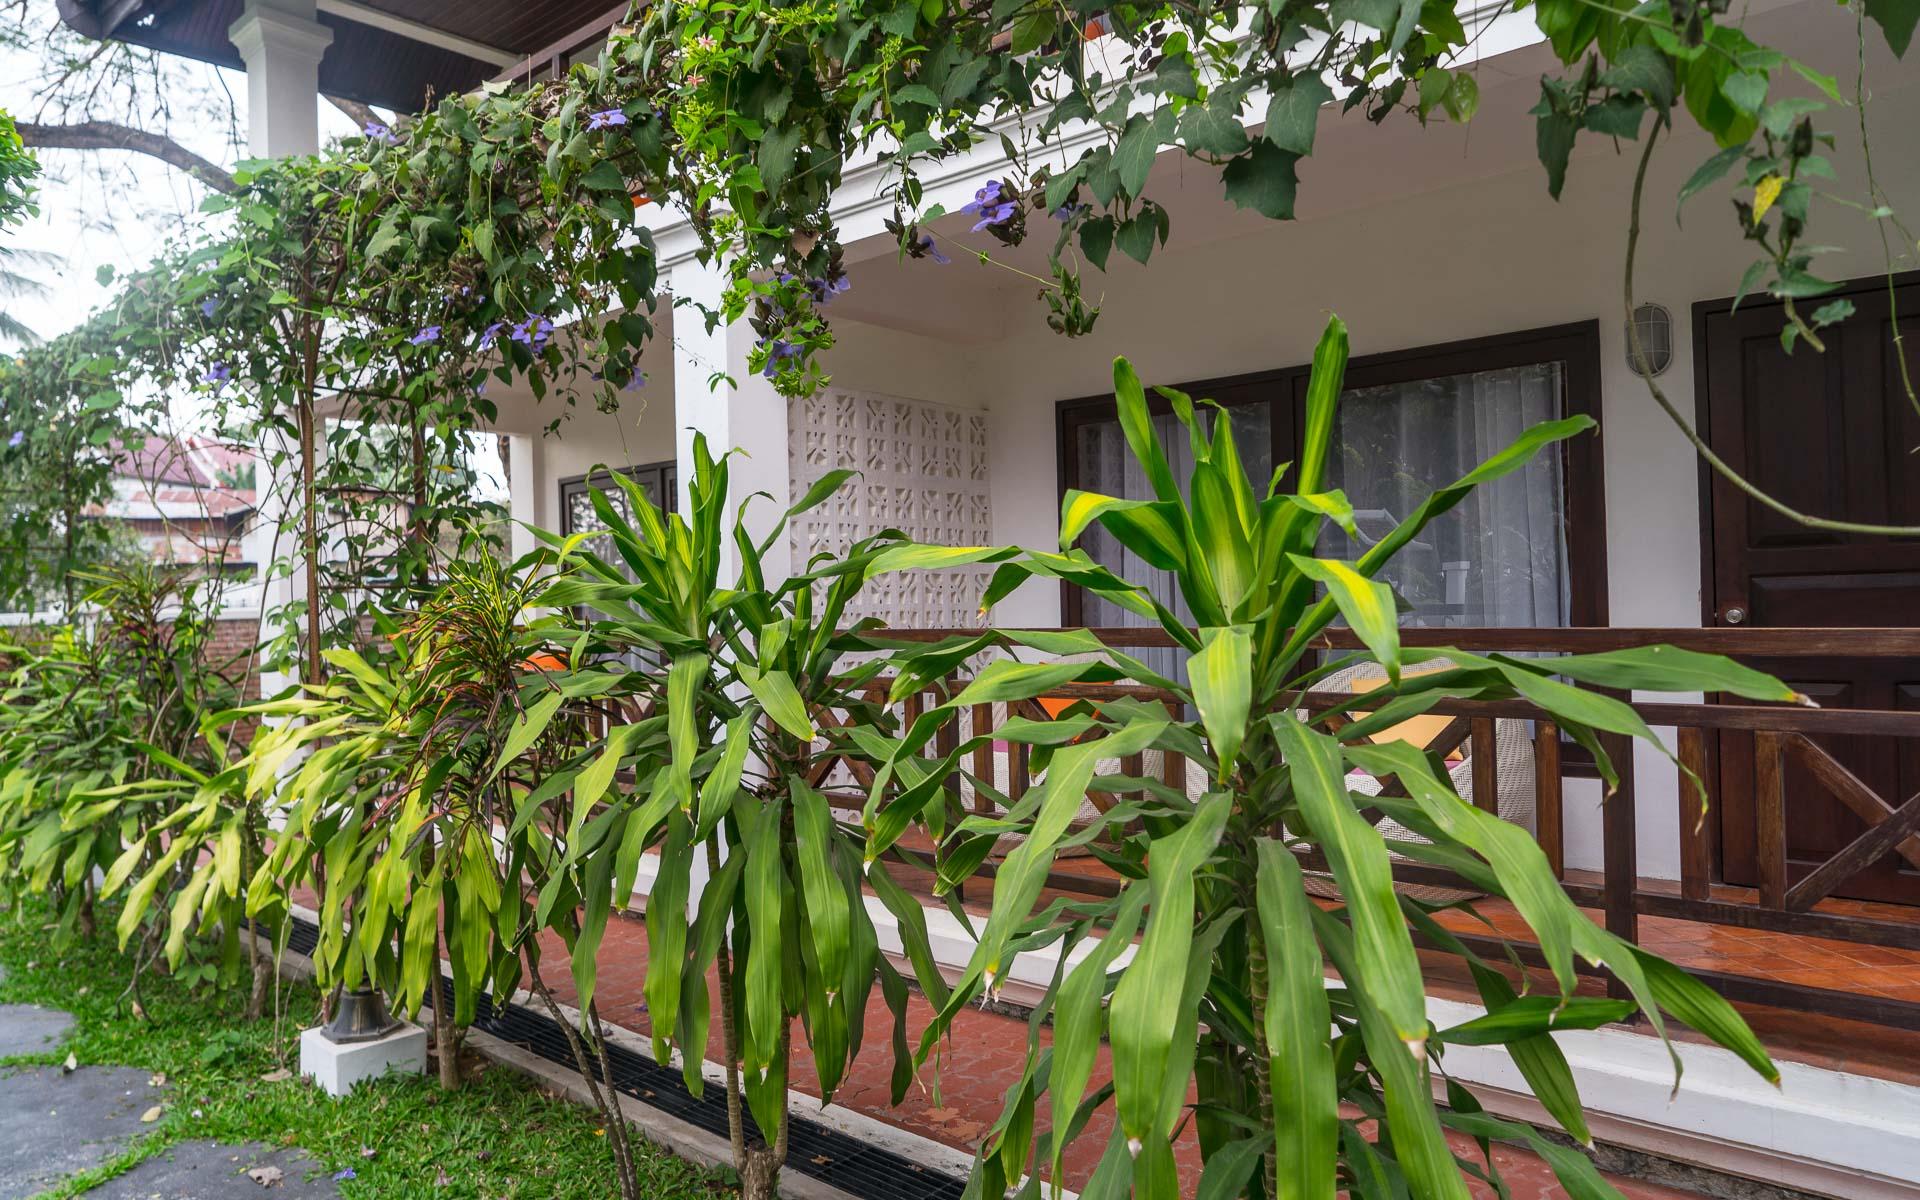 Lesvoyageuses-voyage-laos-luang-prabang-hotel-parasol-blanc-5